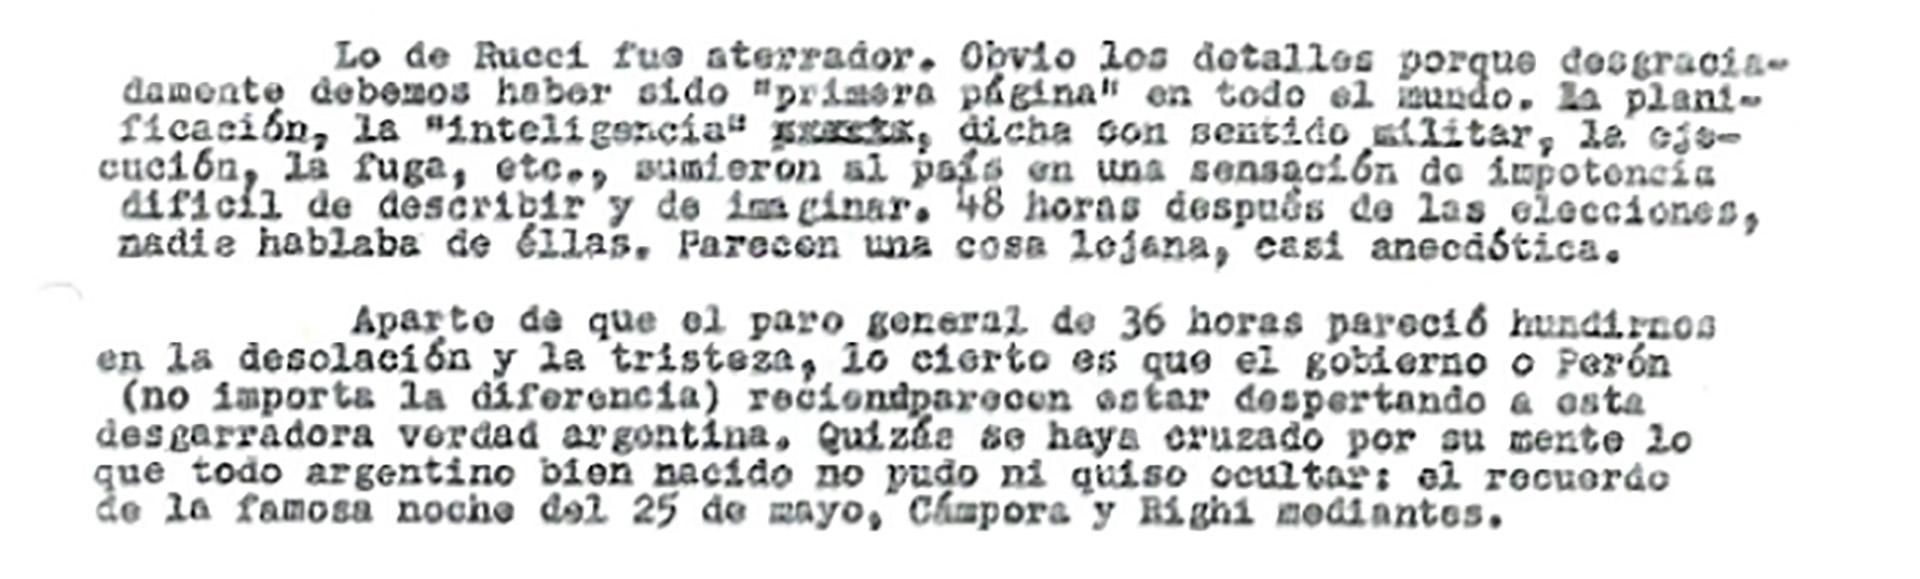 El párrafo de la carta donde habla del crimen del líder sindical